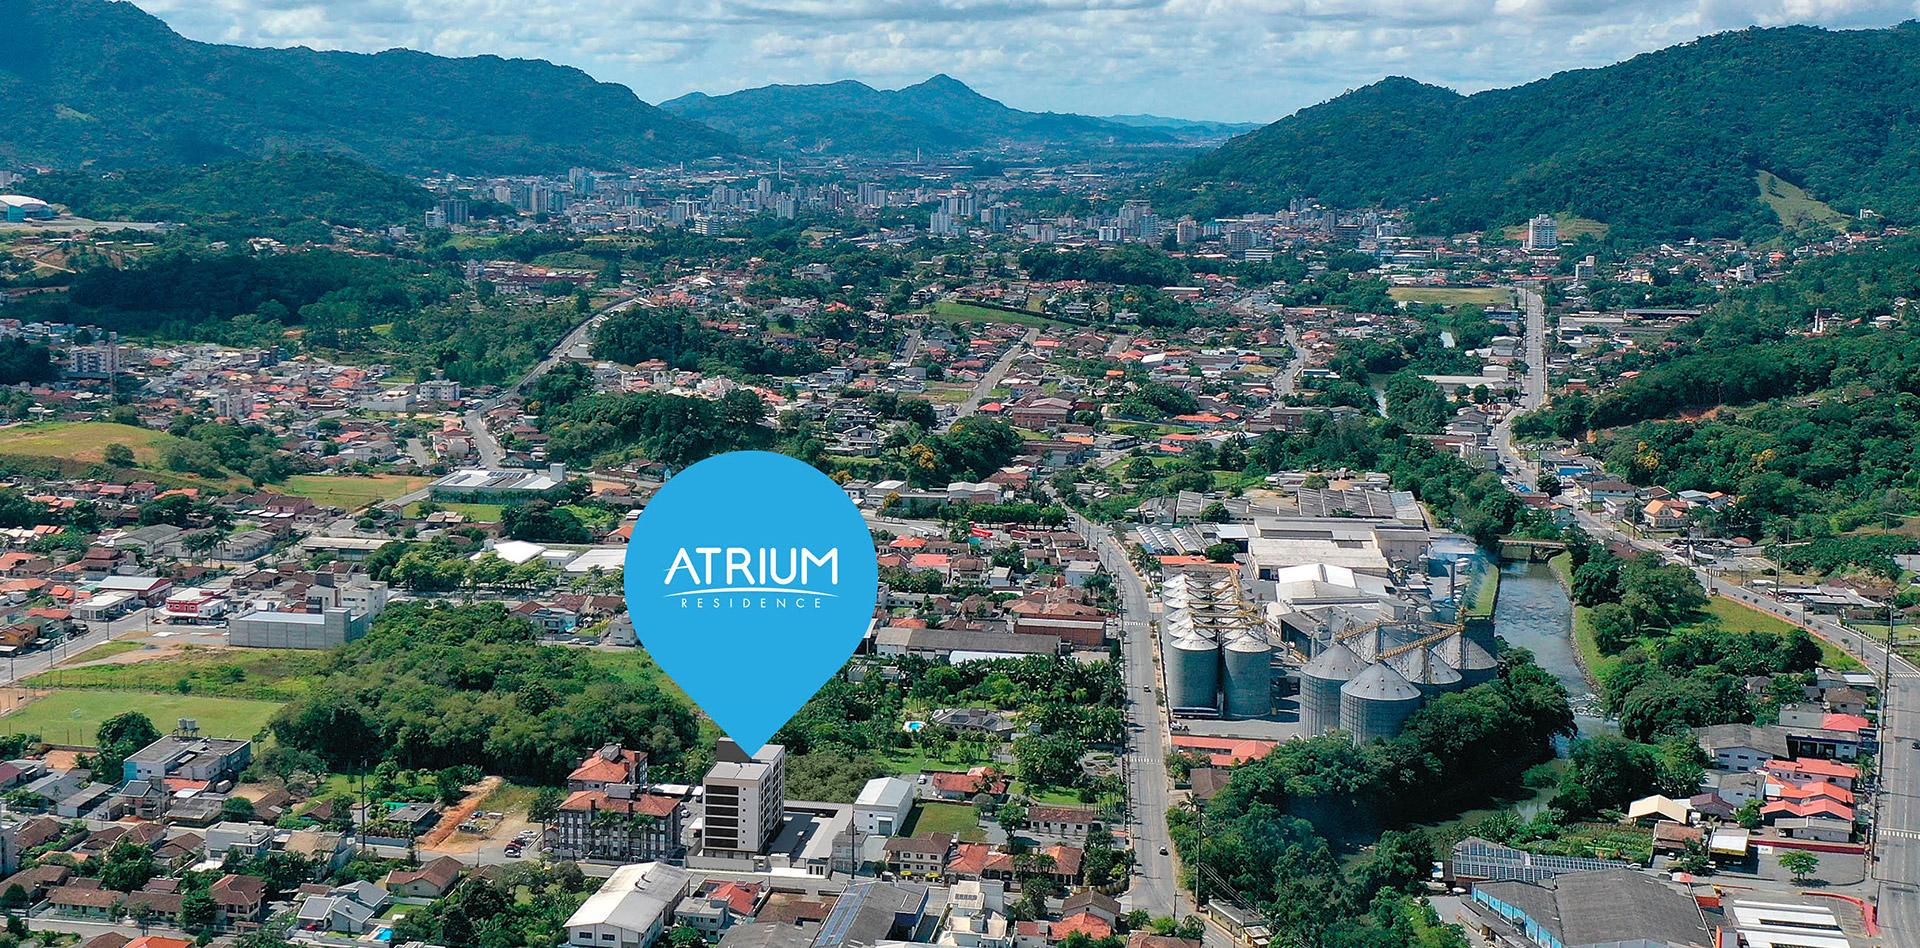 atrium-localizacao